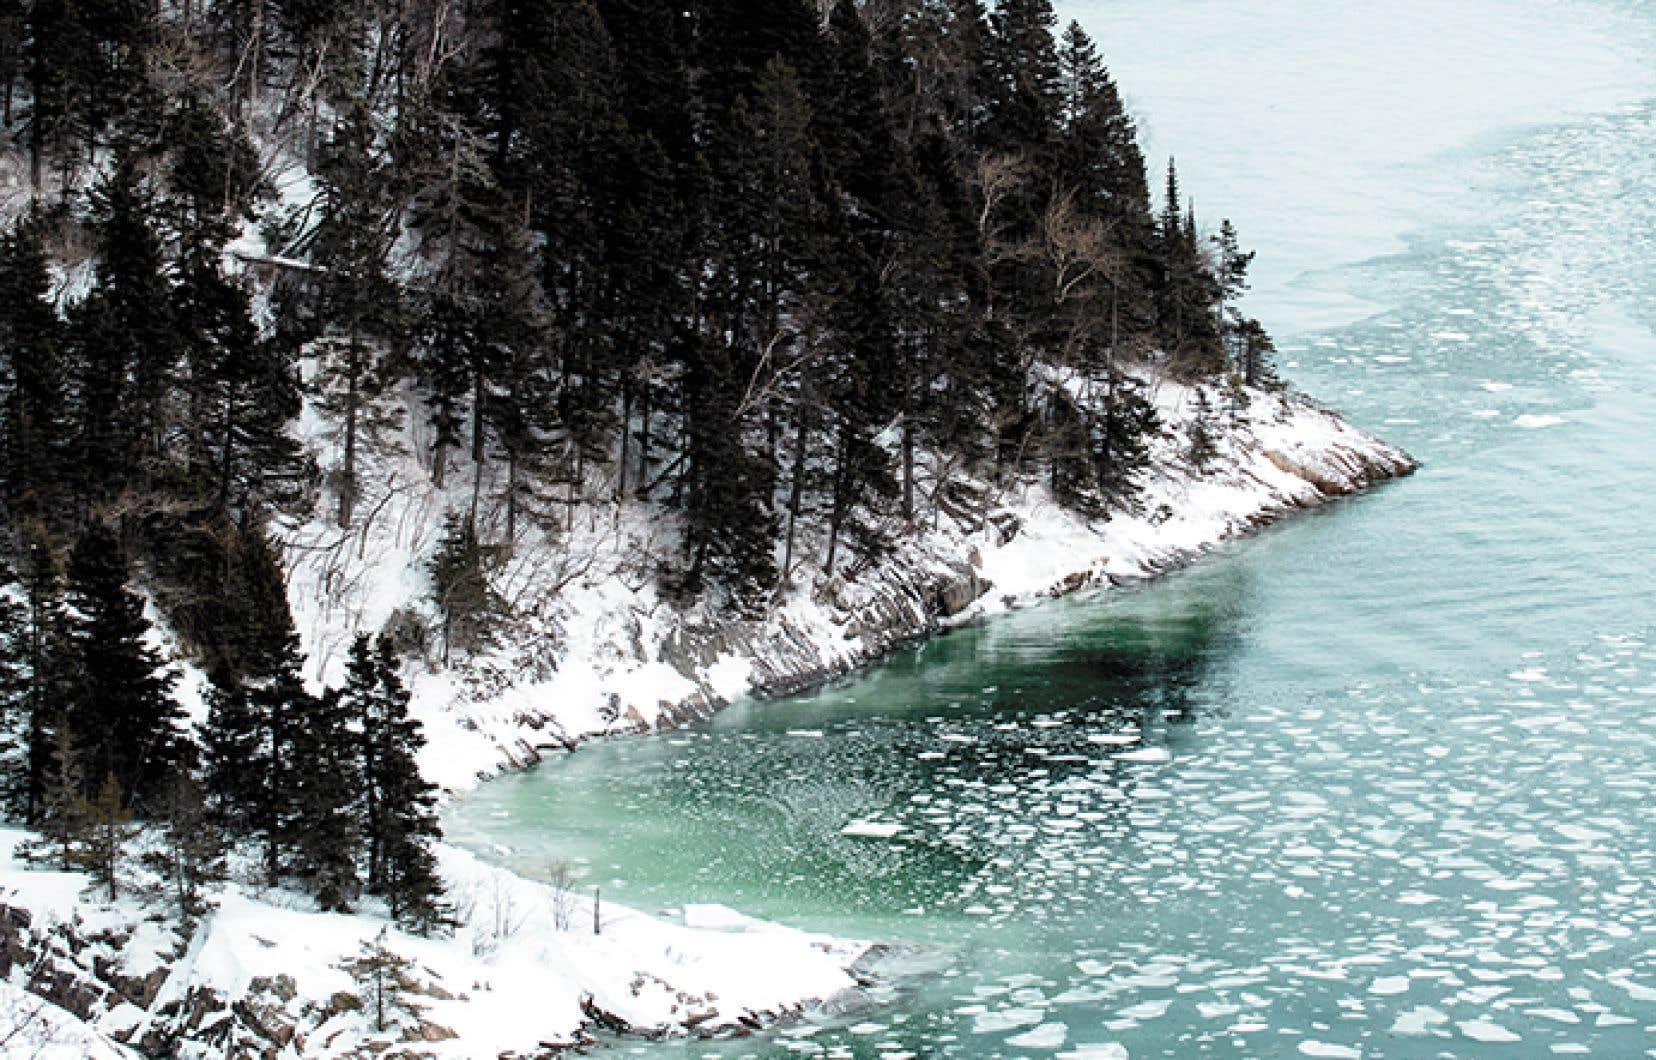 L'urgence climatique, d'abord, est certainement le défi le plus important auquel fera face le Québec dans la décennie à venir.